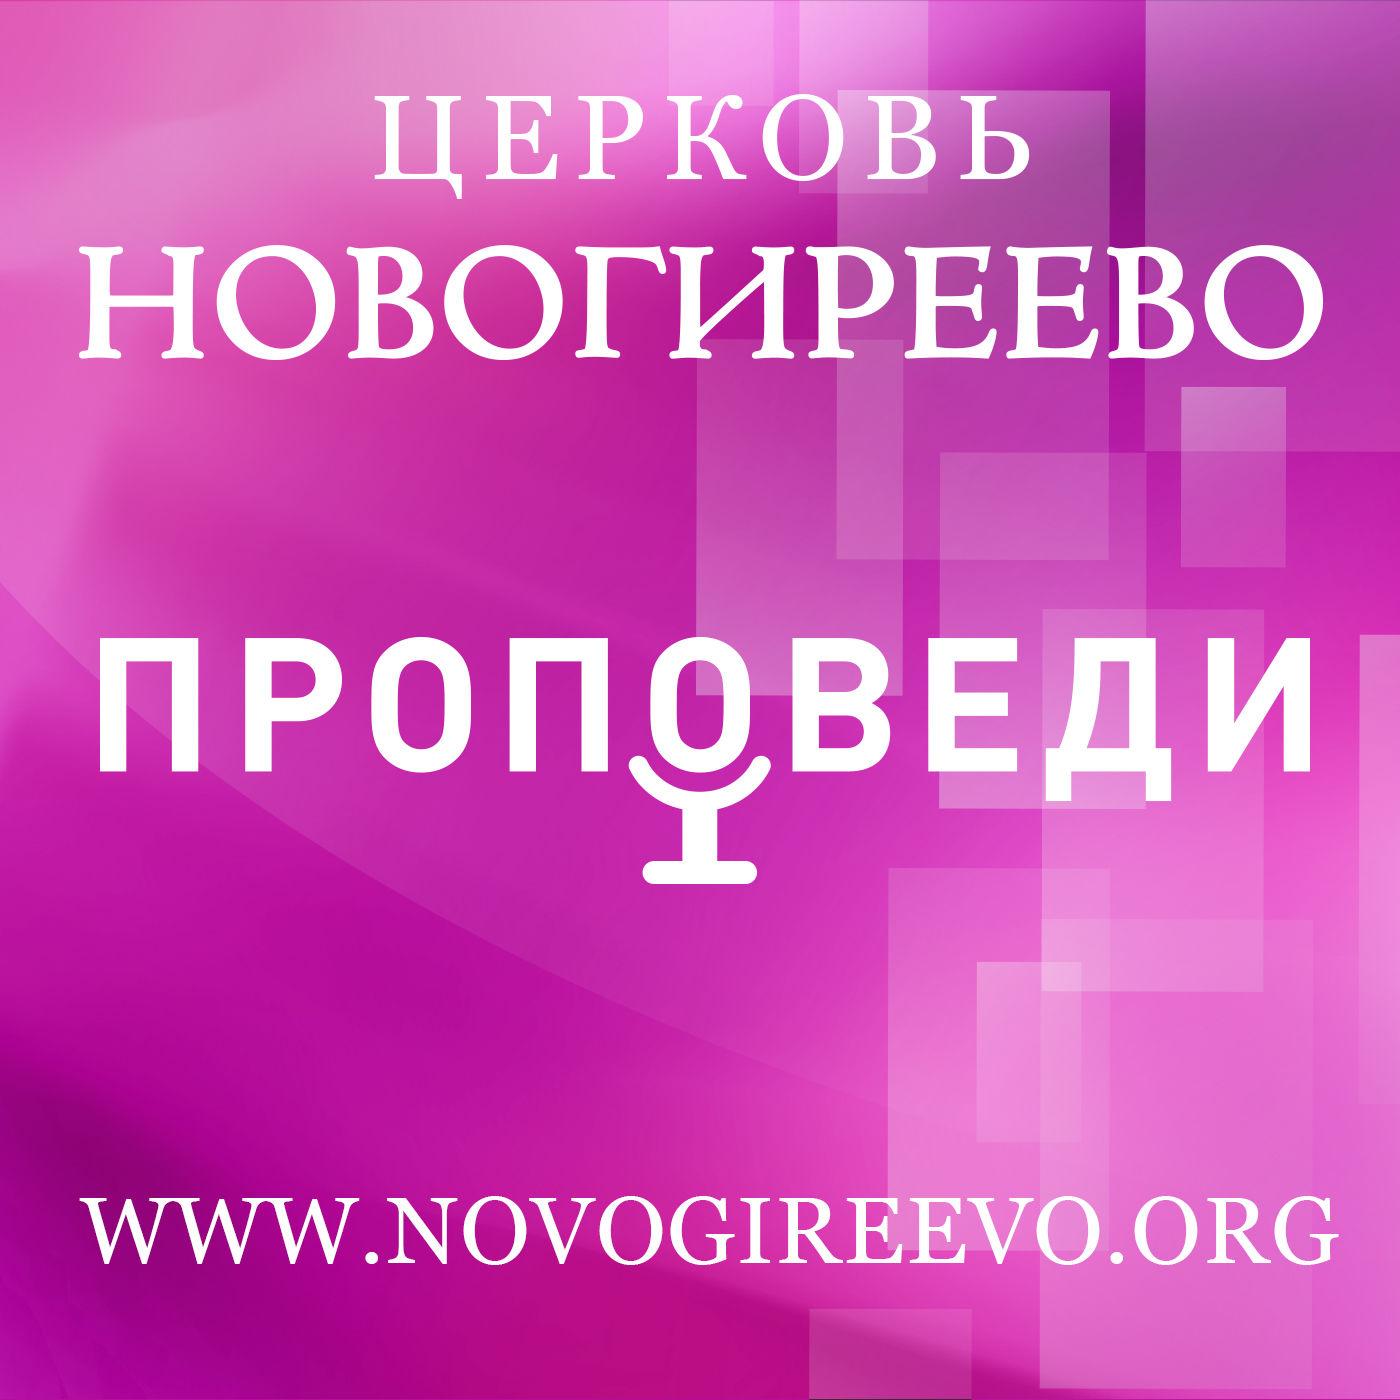 Церковь «Новогиреево», г. Москва – Проповеди